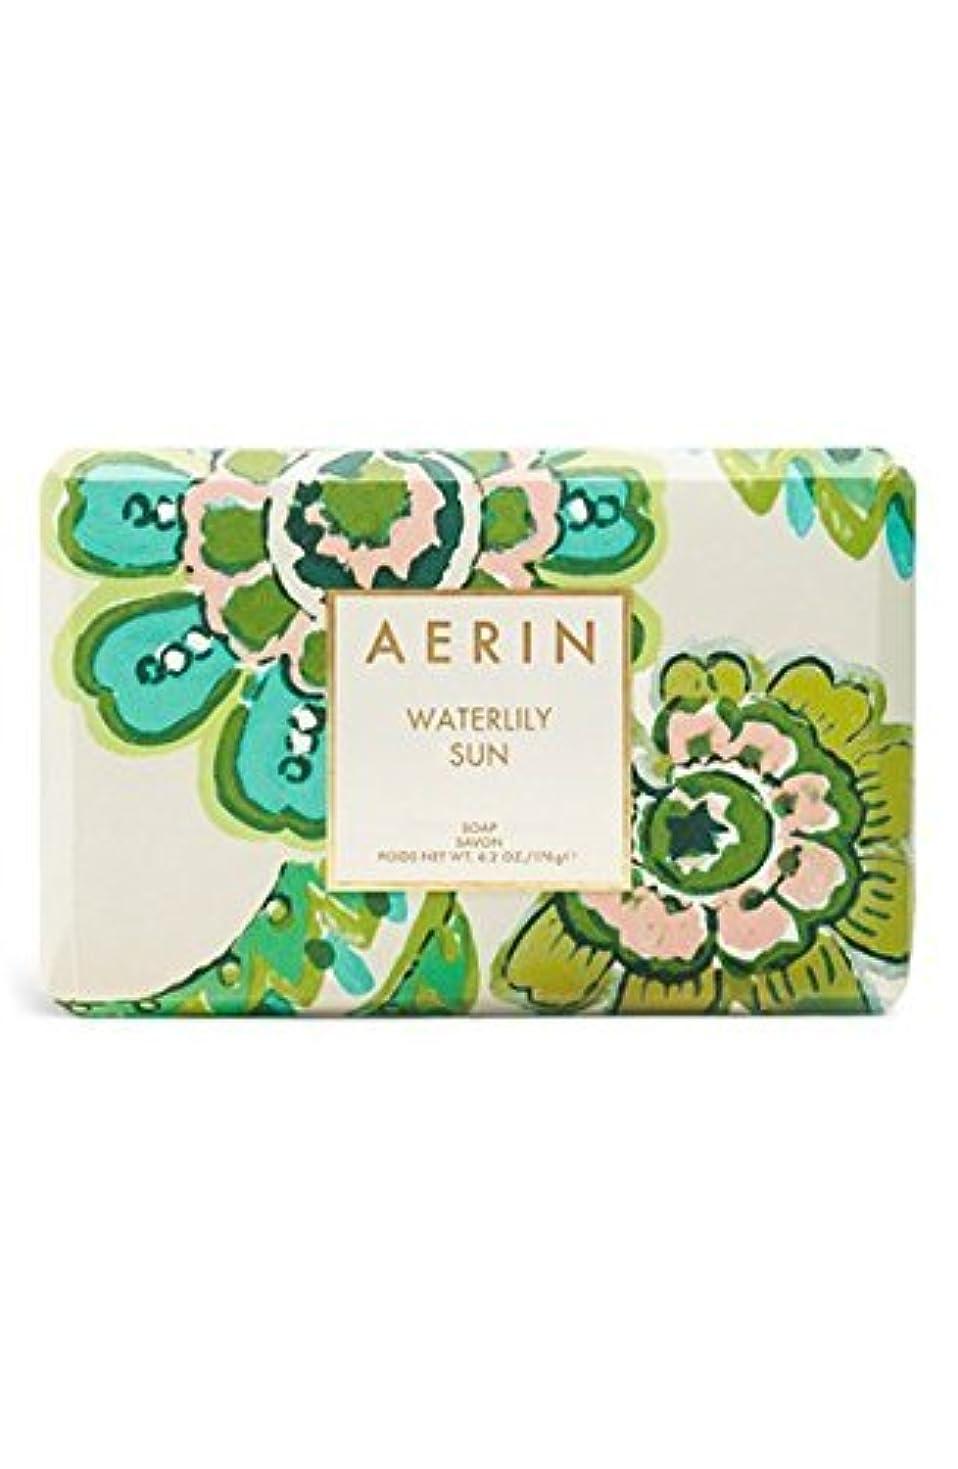 静かにアーティキュレーション矛盾するAERIN 'Waterlily Sun' (アエリン ウオーターリリー サン) 6.2 oz (50ml) Body Soap 固形石鹸 by Estee Lauder for Women